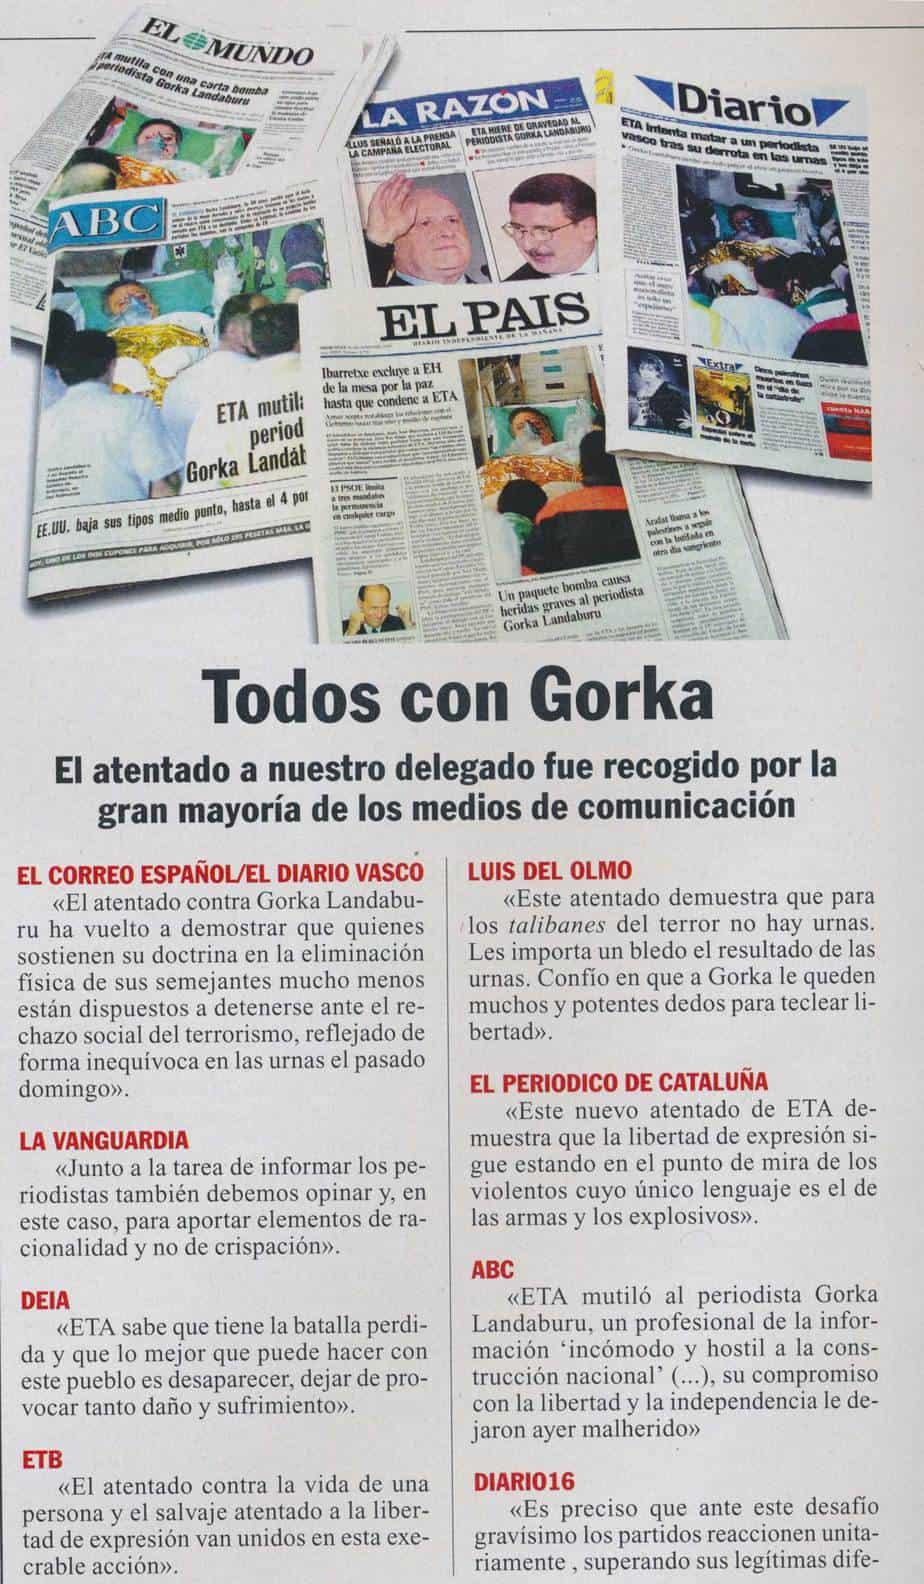 Todos con Gorka